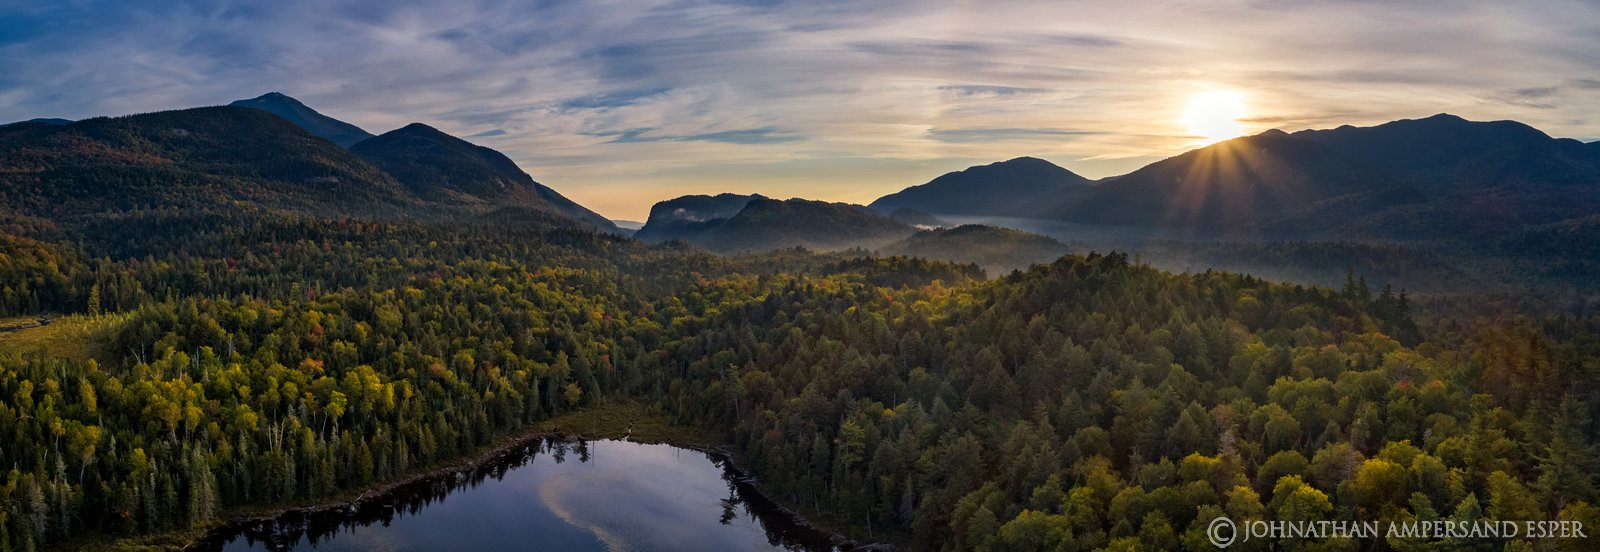 Connery Pond,Whiteface Mt,Whiteface,drone,aerial,2019,autumn,morning,fog,sunrise,Adirondacks,Adirondack Park,landscape,photography...